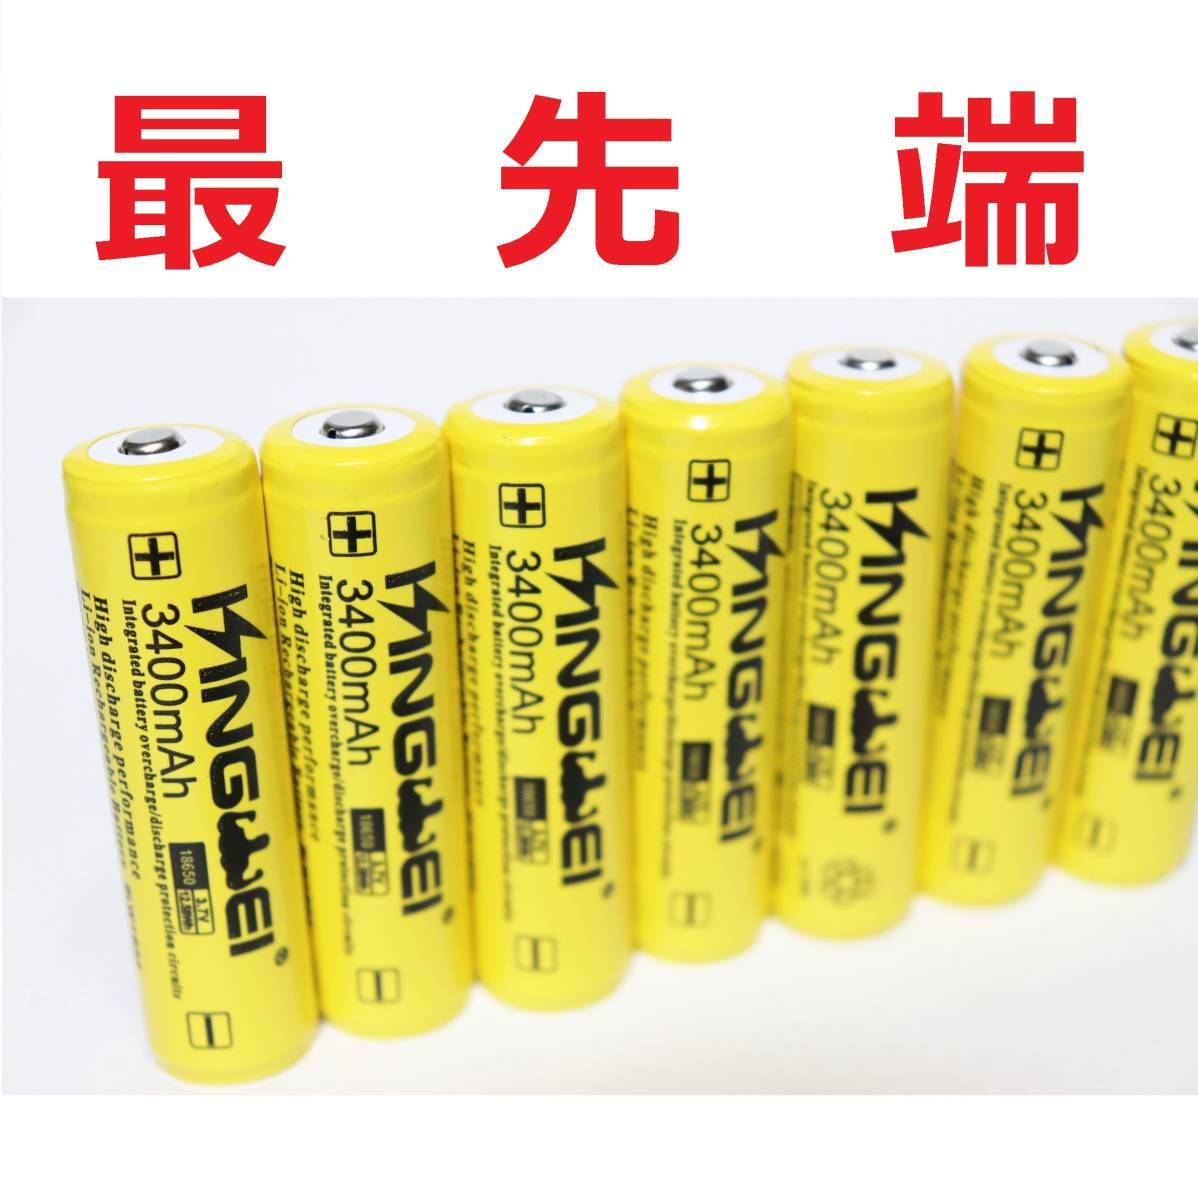 最新版 18650 経済産業省適合品 大容量 リチウムイオン 充電池 バッテリー 懐中電灯 ヘッドライト 05_画像1